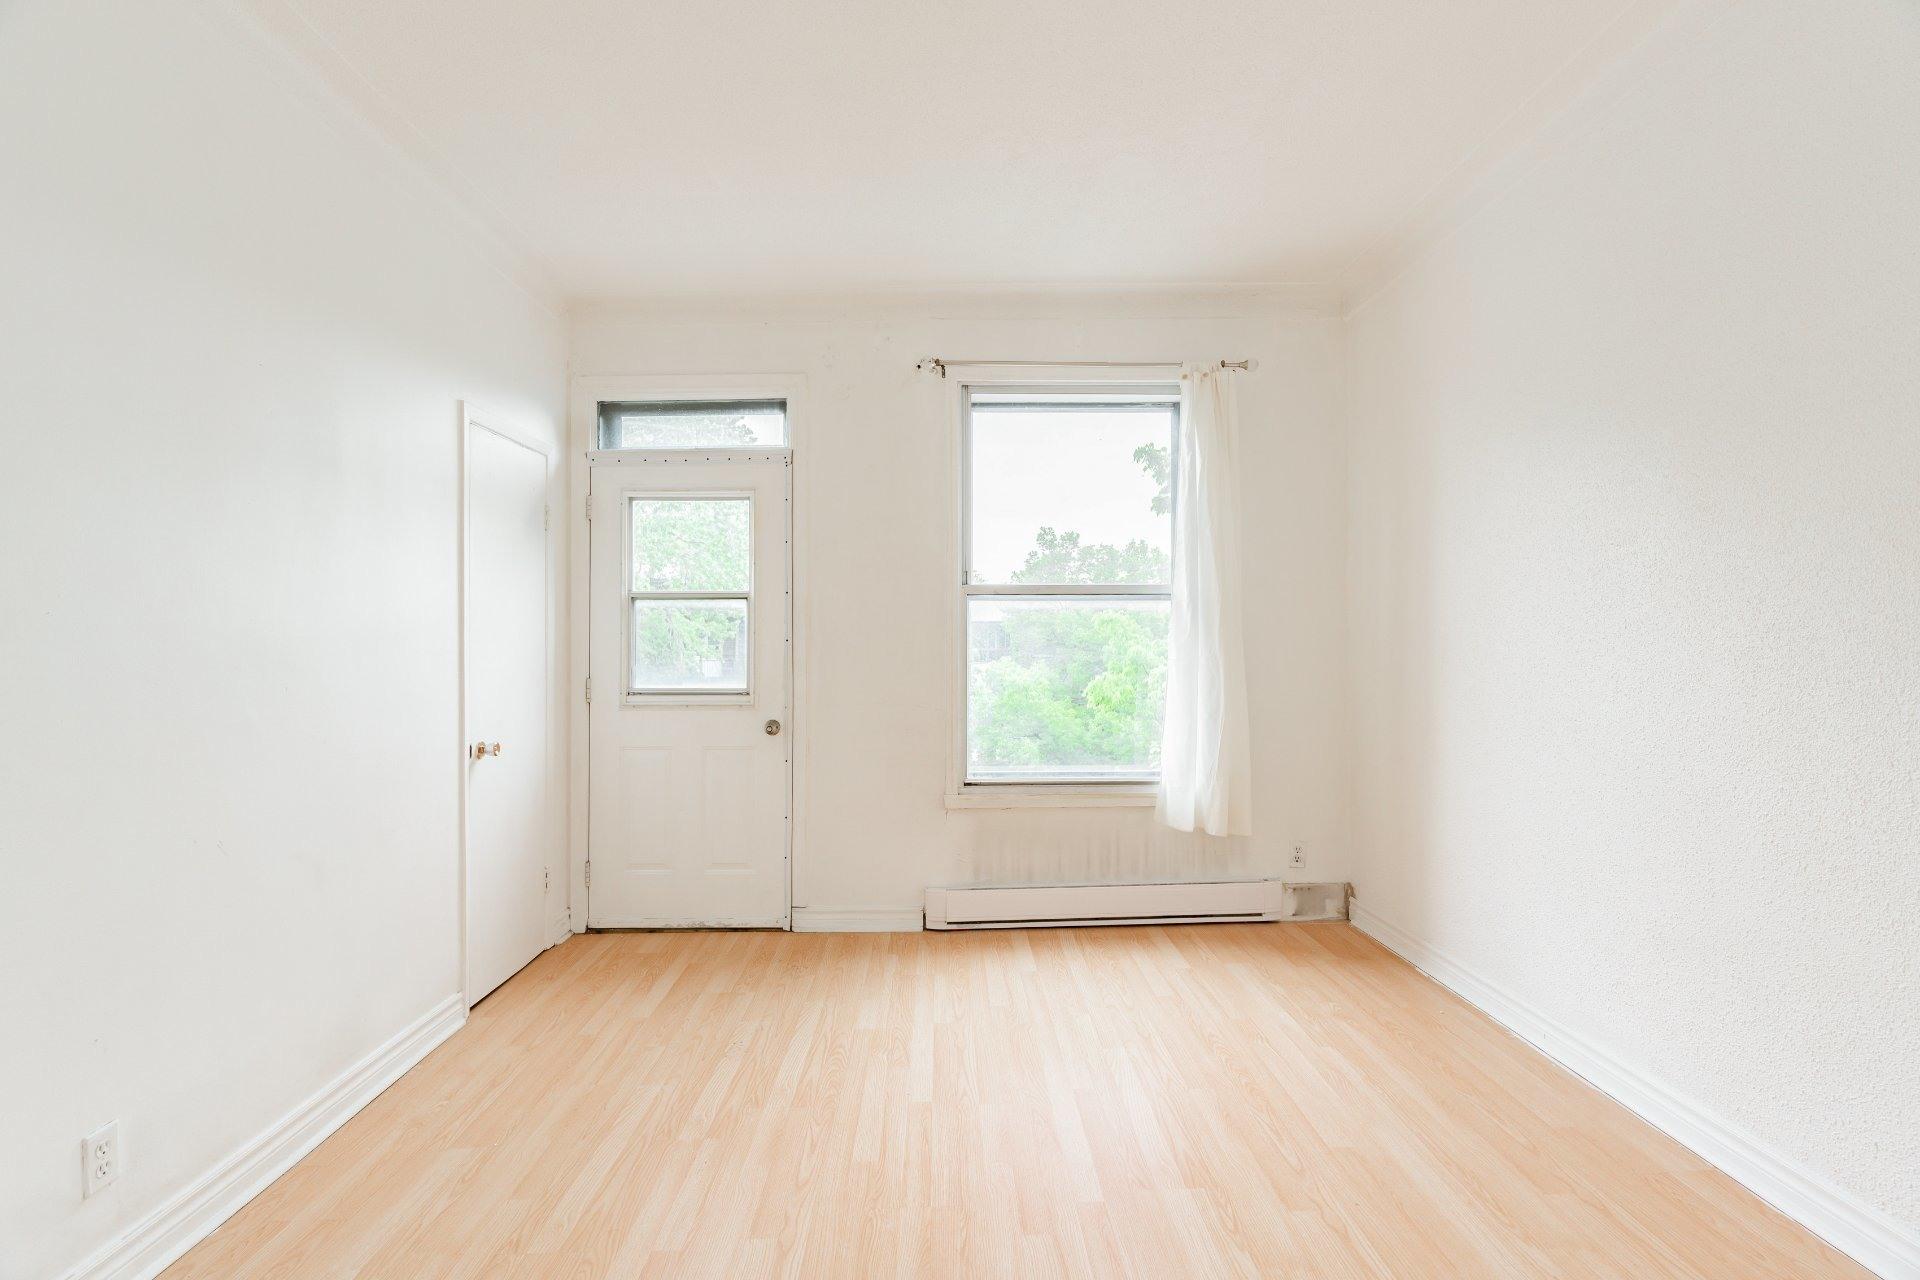 image 1 - Appartement À louer Rosemont/La Petite-Patrie Montréal  - 5 pièces